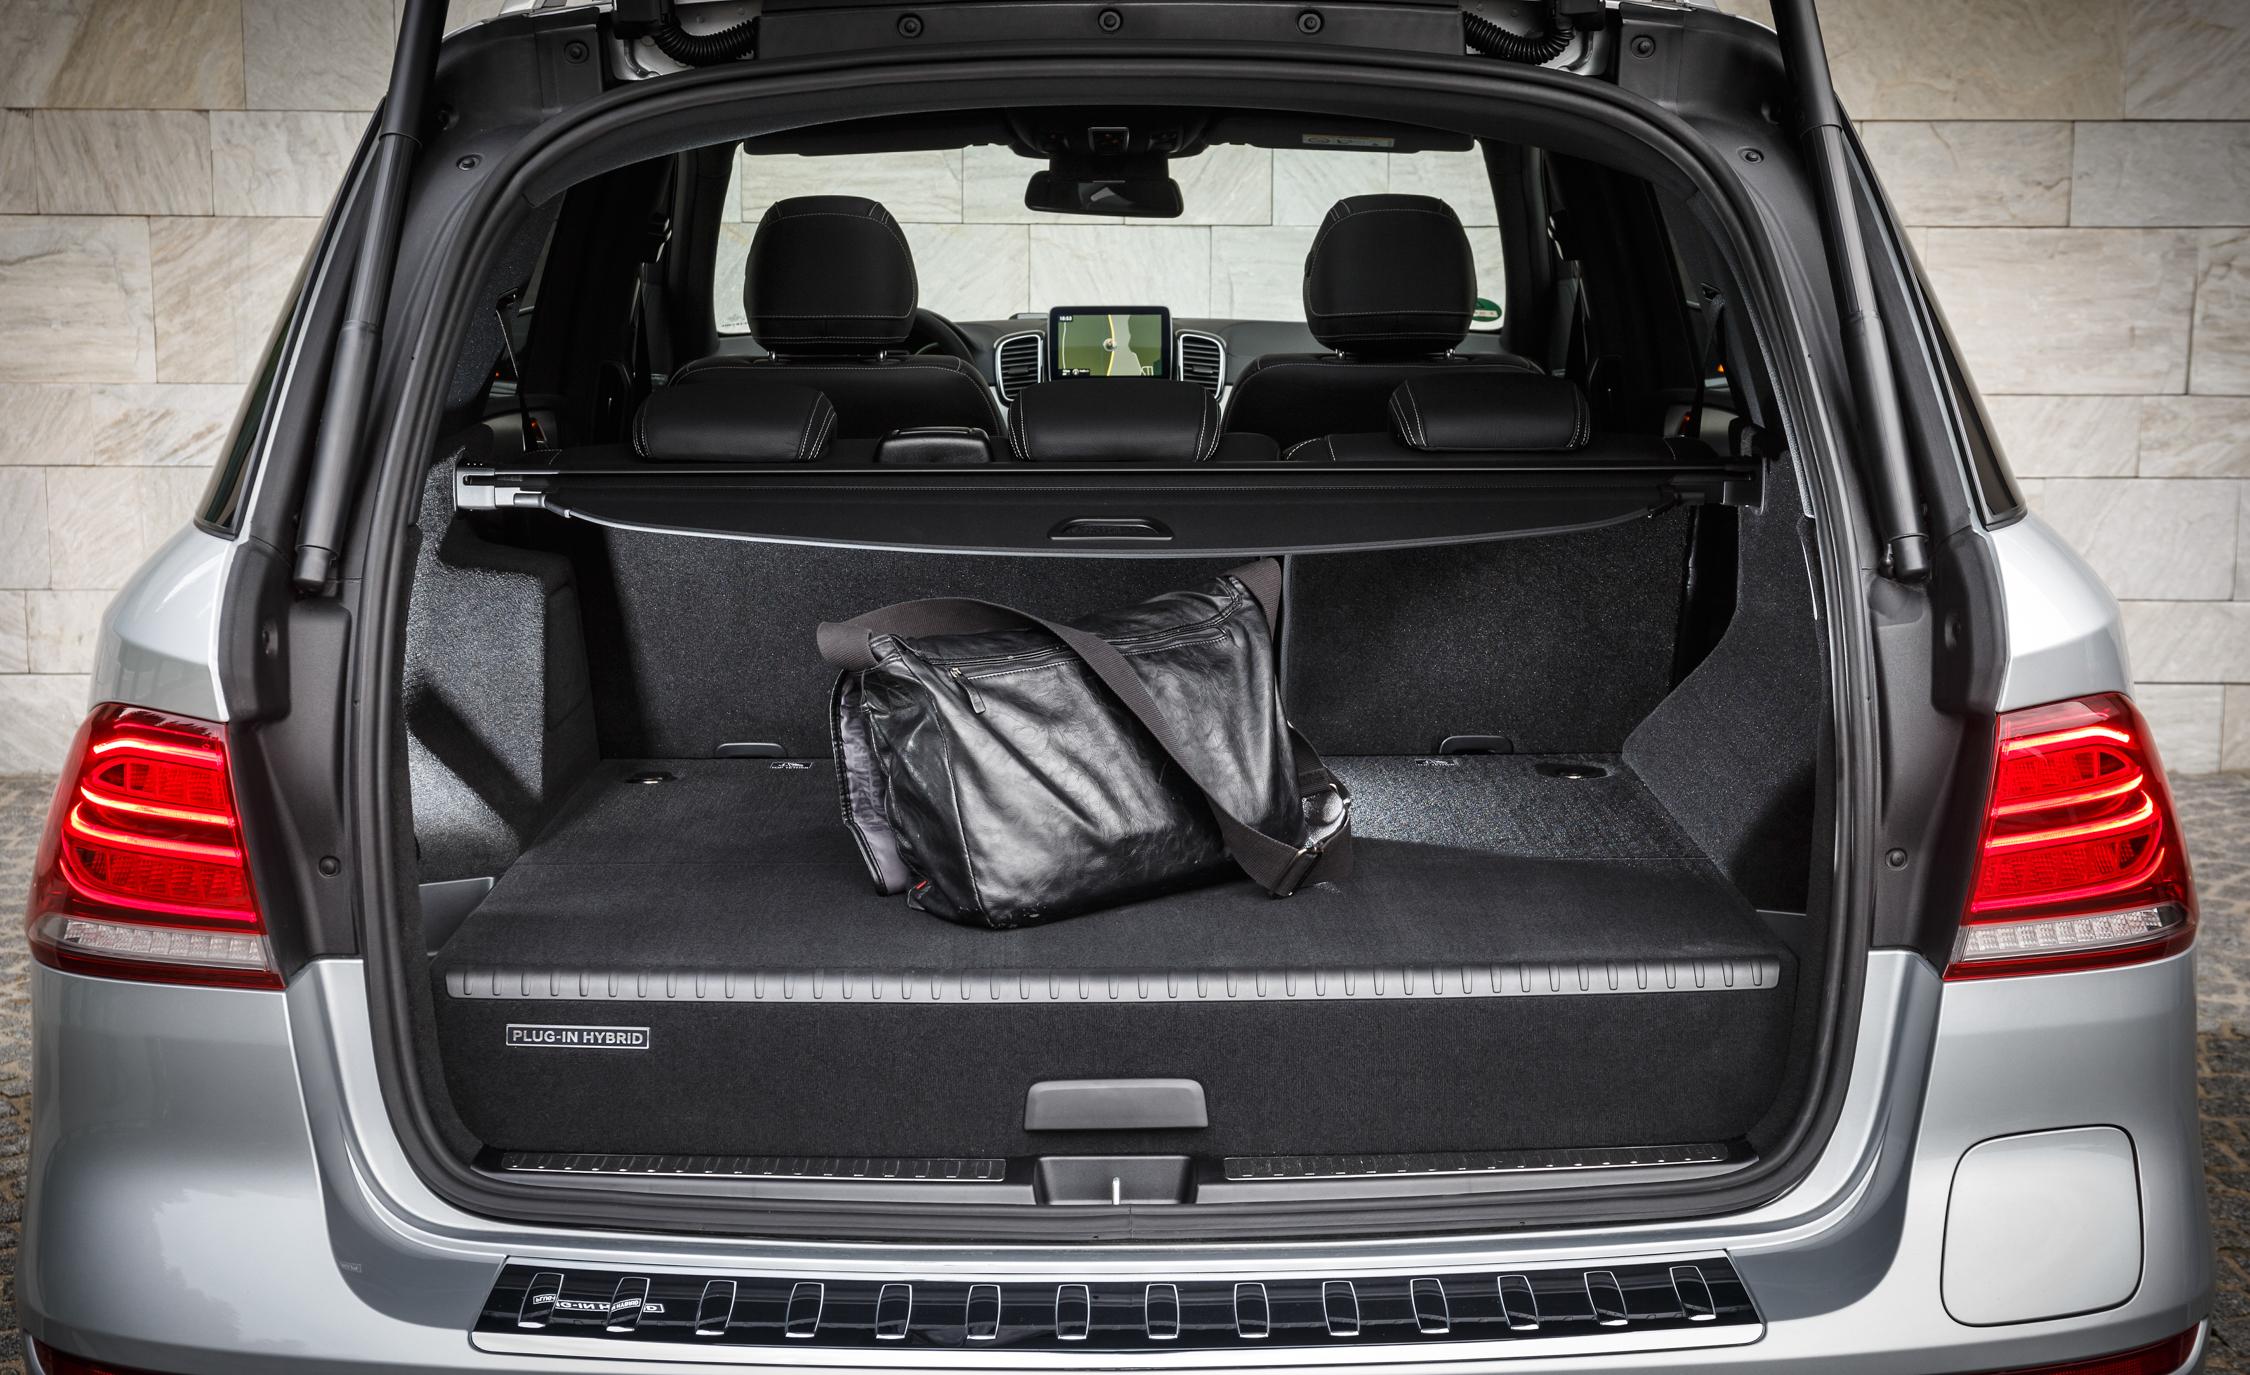 2016 Mercedes-Benz GLE500e 4MATIC Interior Cargo Space